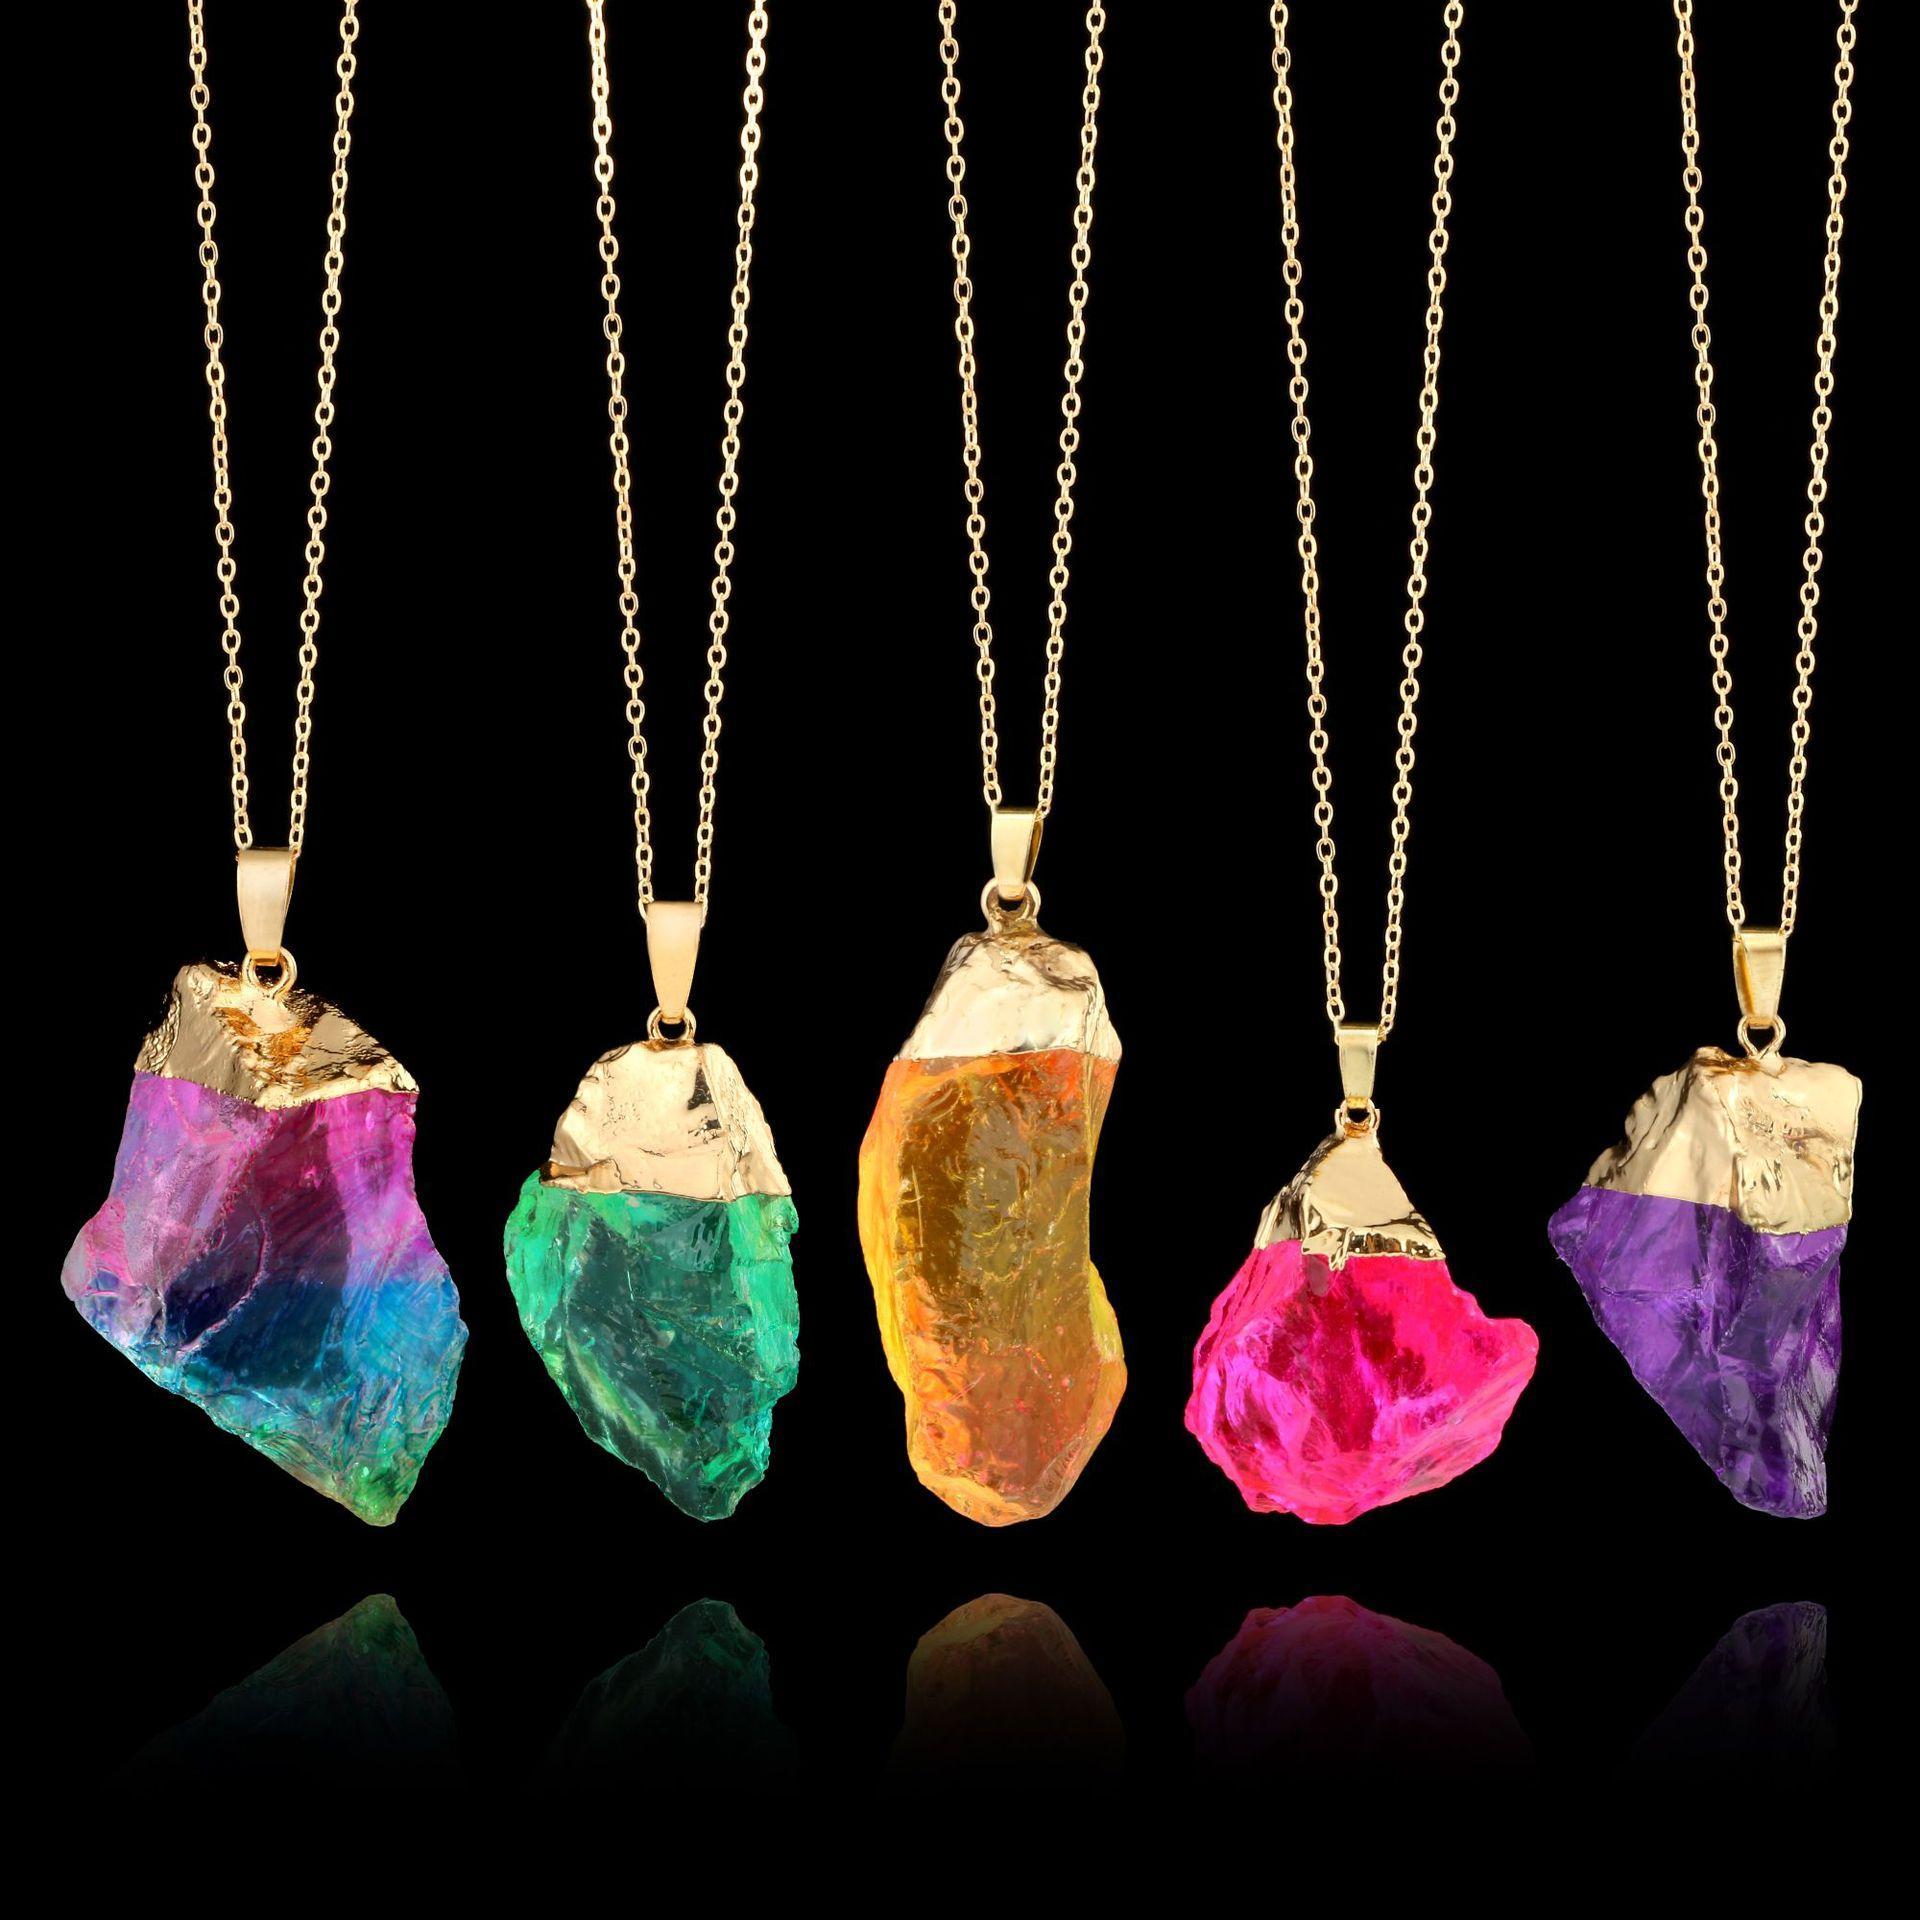 Collares de cristal de cuarzo irregulares para mujeres curativas Druzy piedras preciosas arco iris piedra natural colgante cadenas de oro regalo de joyería de moda